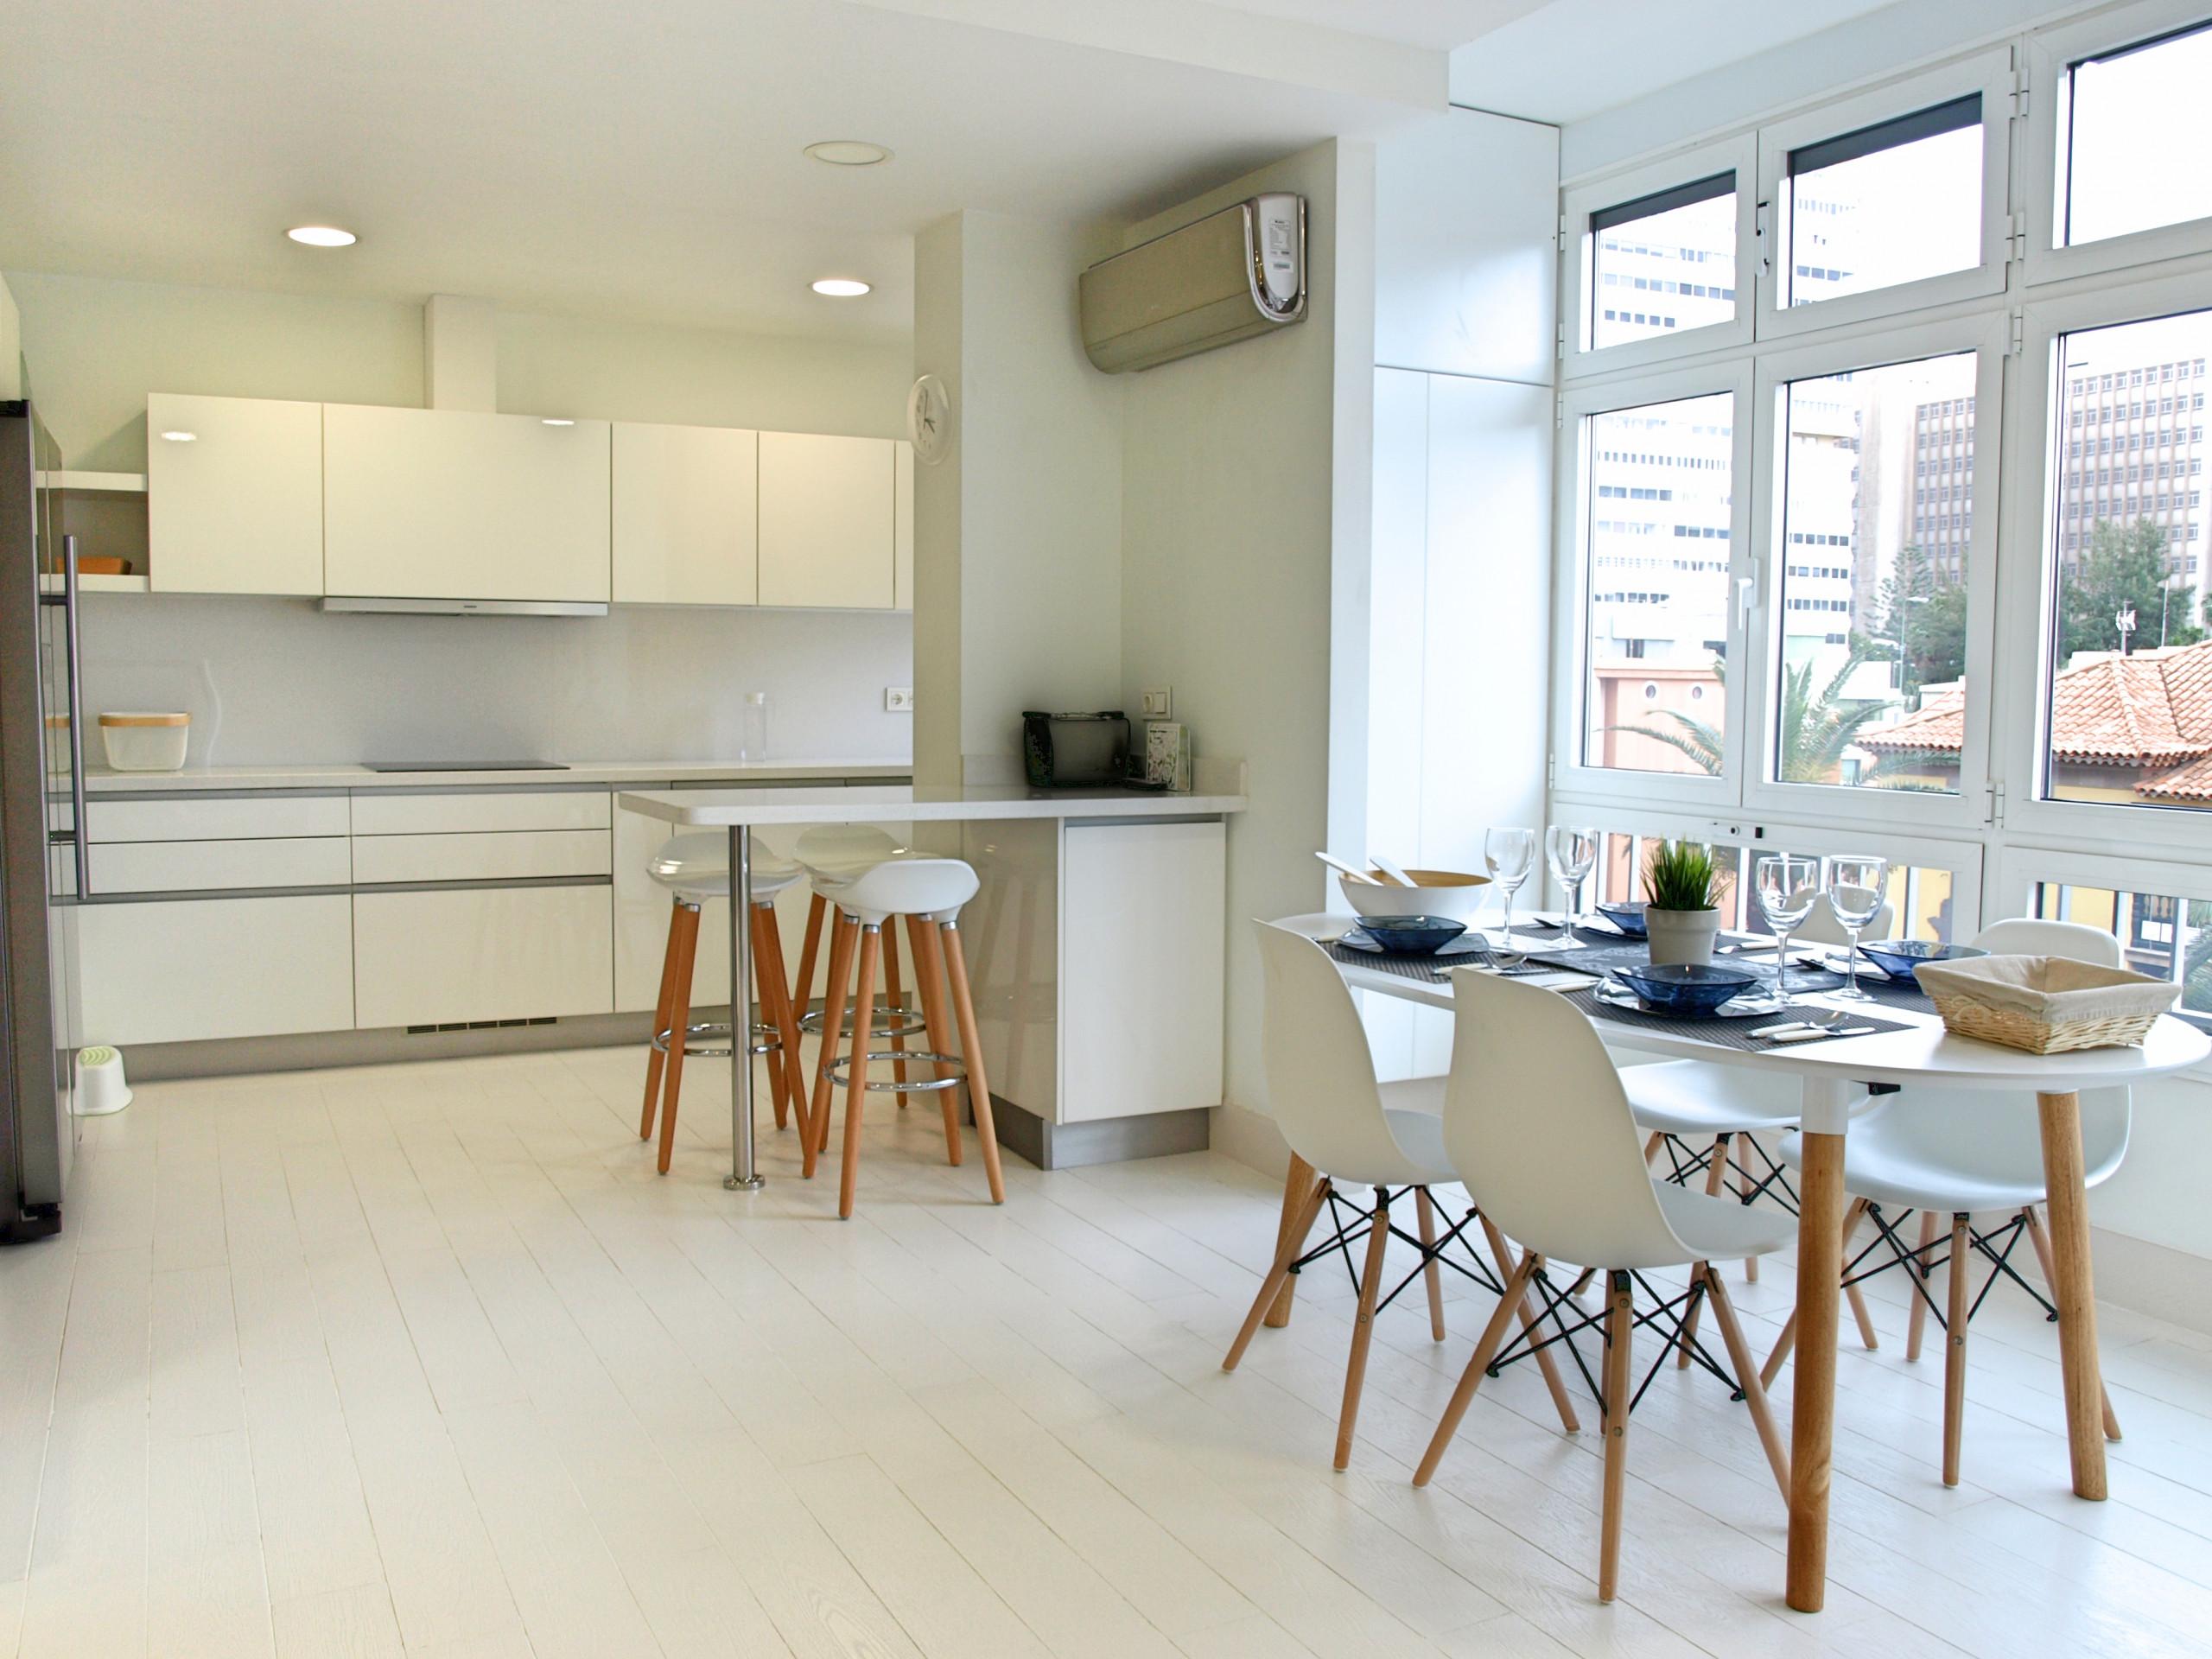 Apartamentos en las palmas de gran canaria fant stico apartamento c ntrico y moderno - Apartamento en las palmas de gran canaria ...